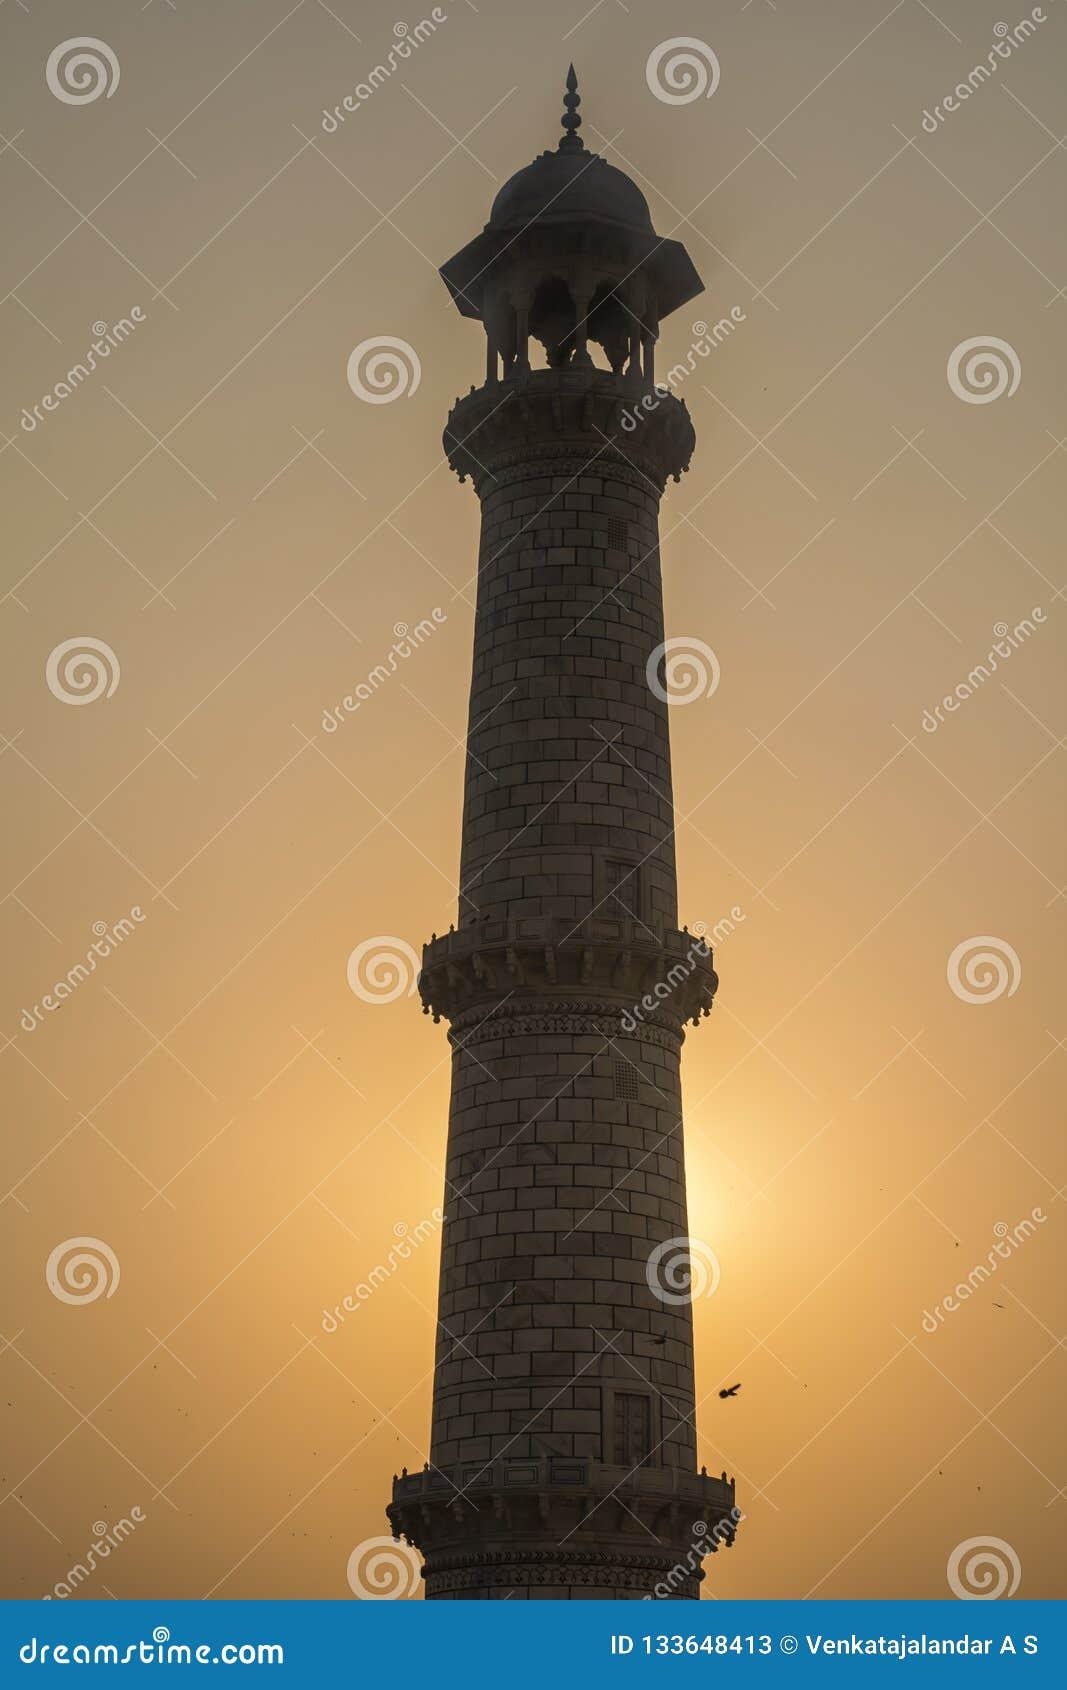 Pilier de Taj Mahal Silhoutte View, avec le coucher du soleil derrière